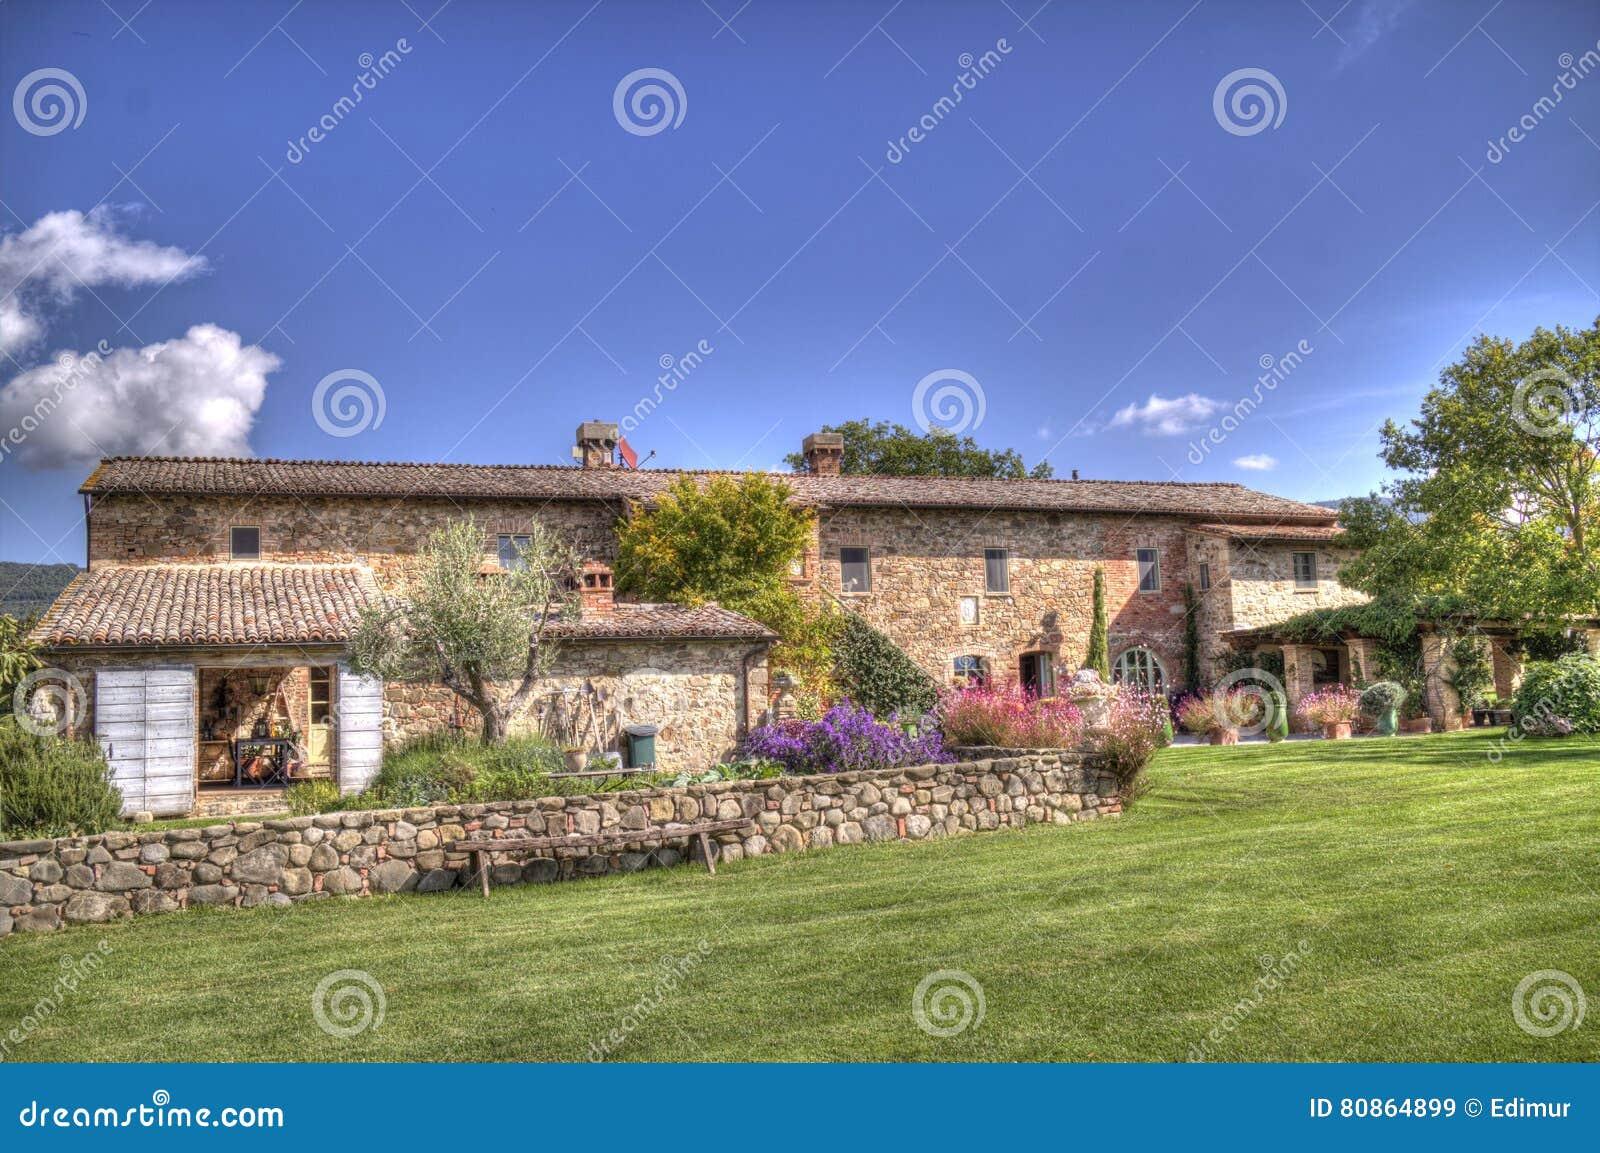 Località Di Soggiorno Toscana Della Villa Immagine Stock - Immagine ...